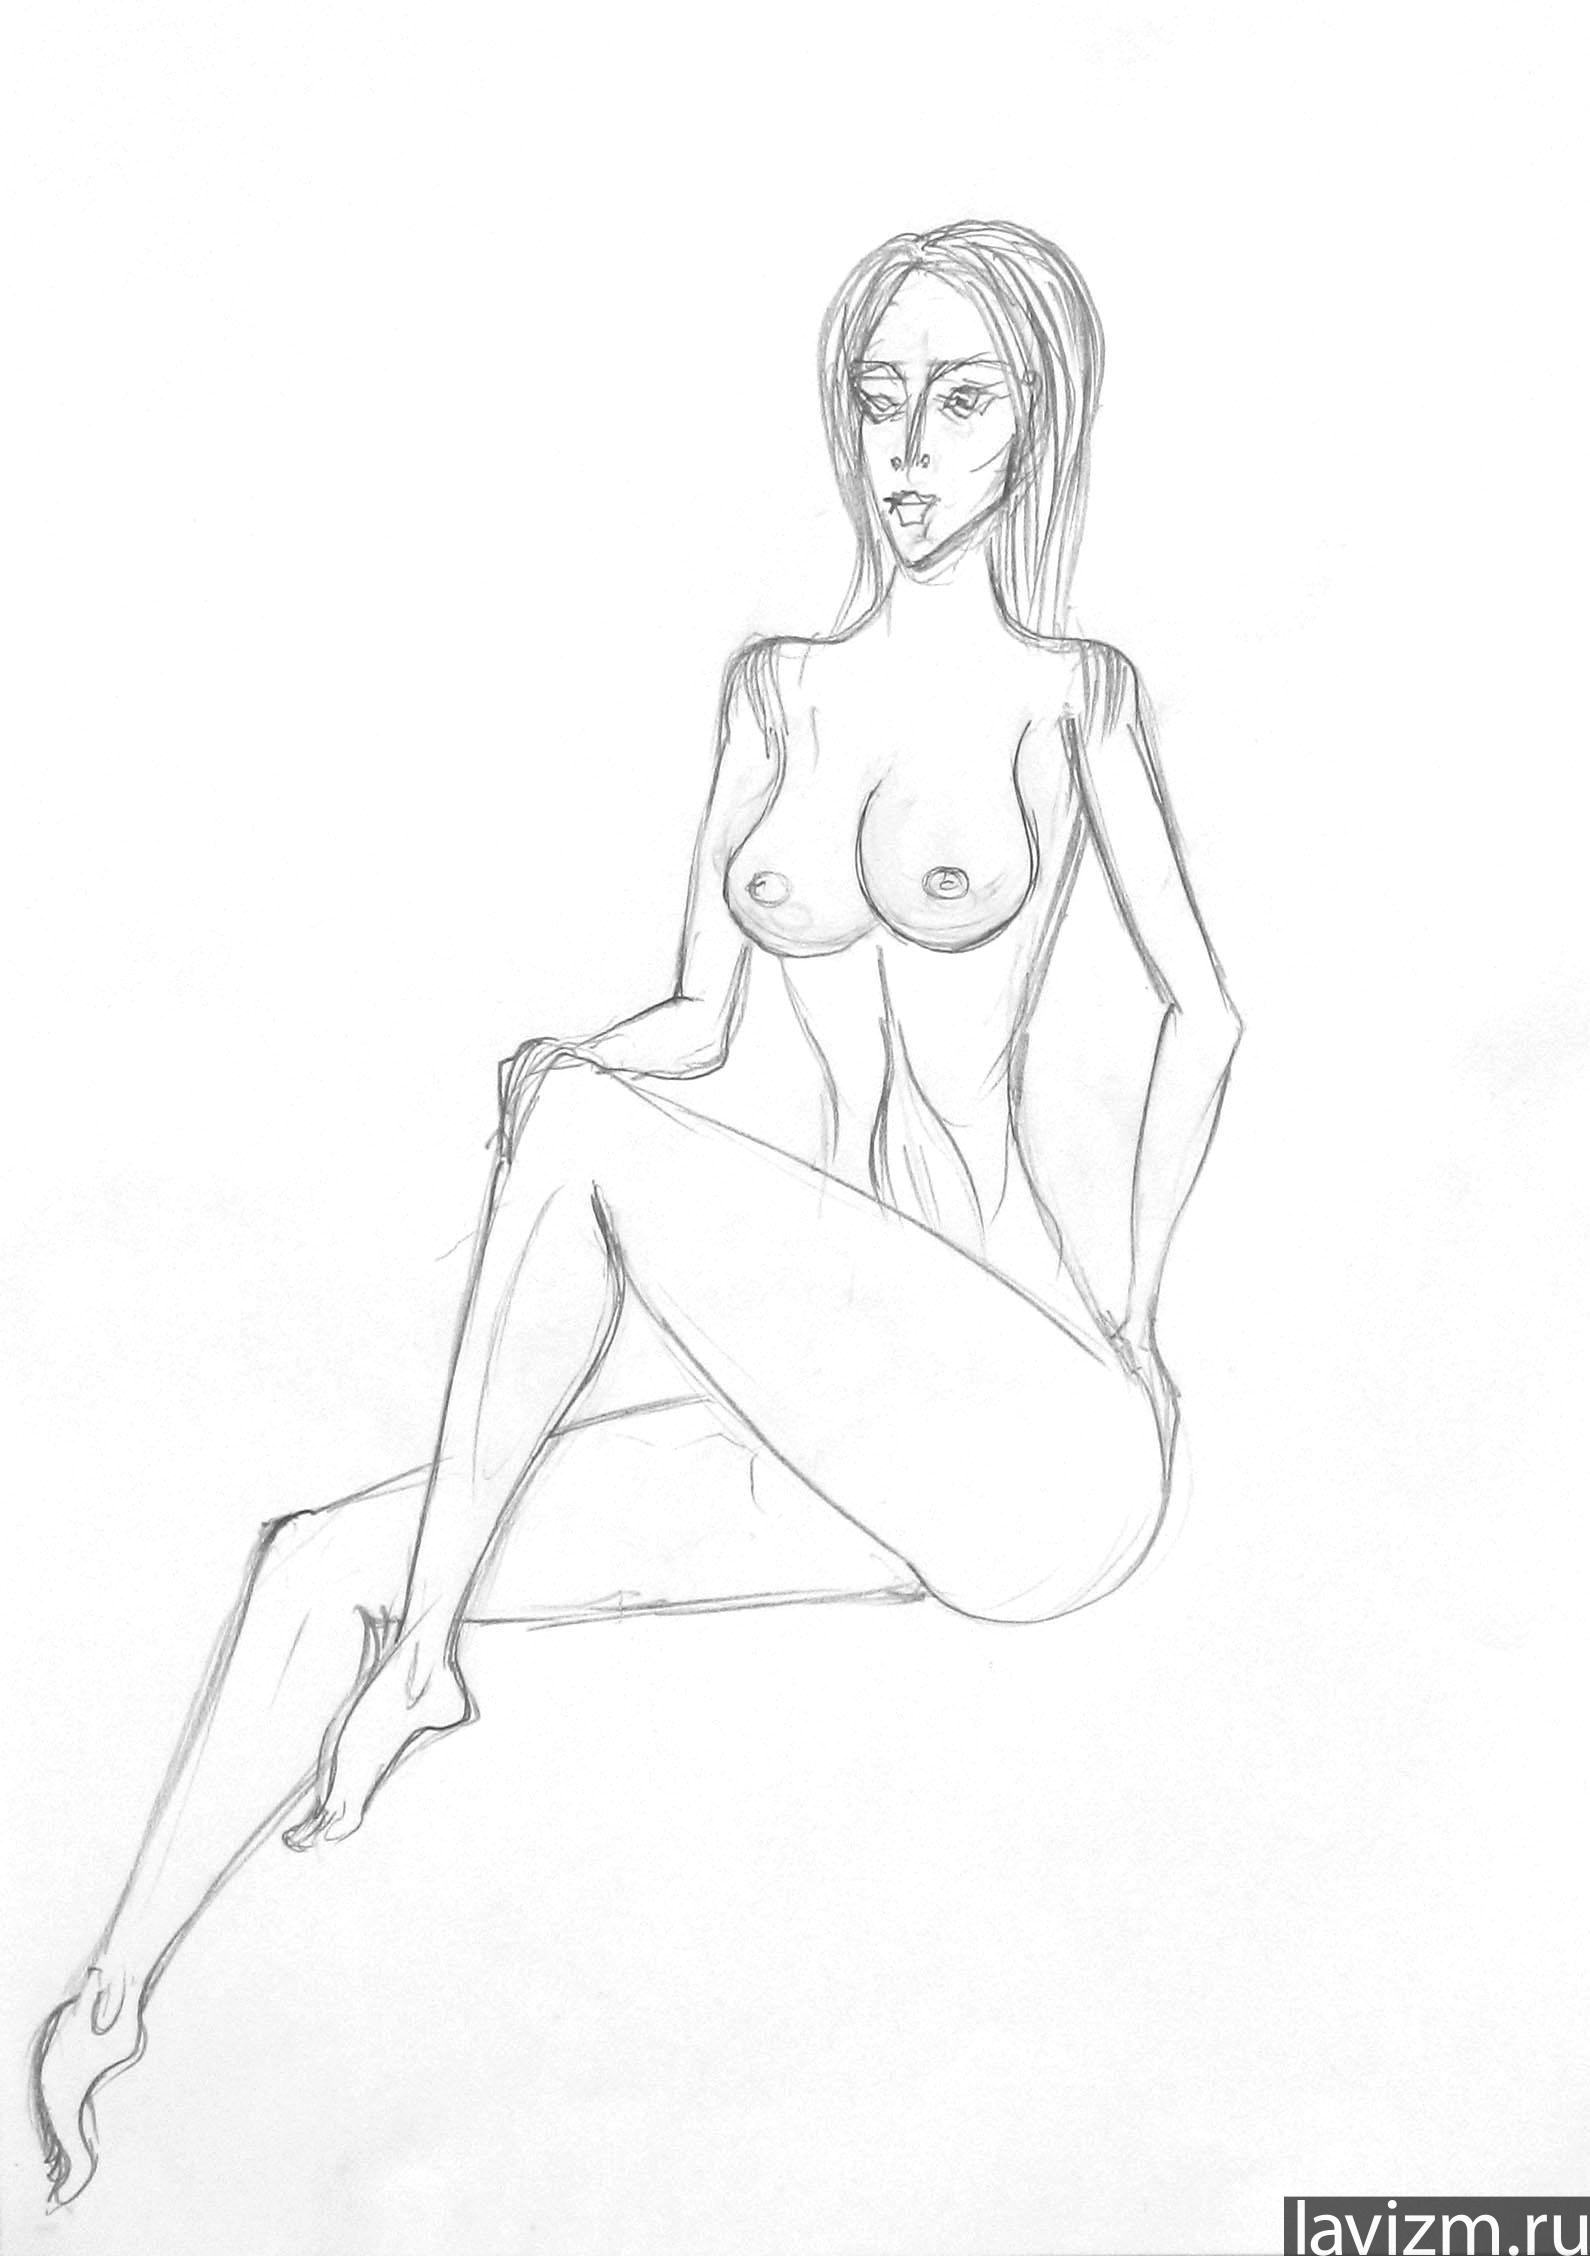 Как Нарисовать Обнаженную Девушку